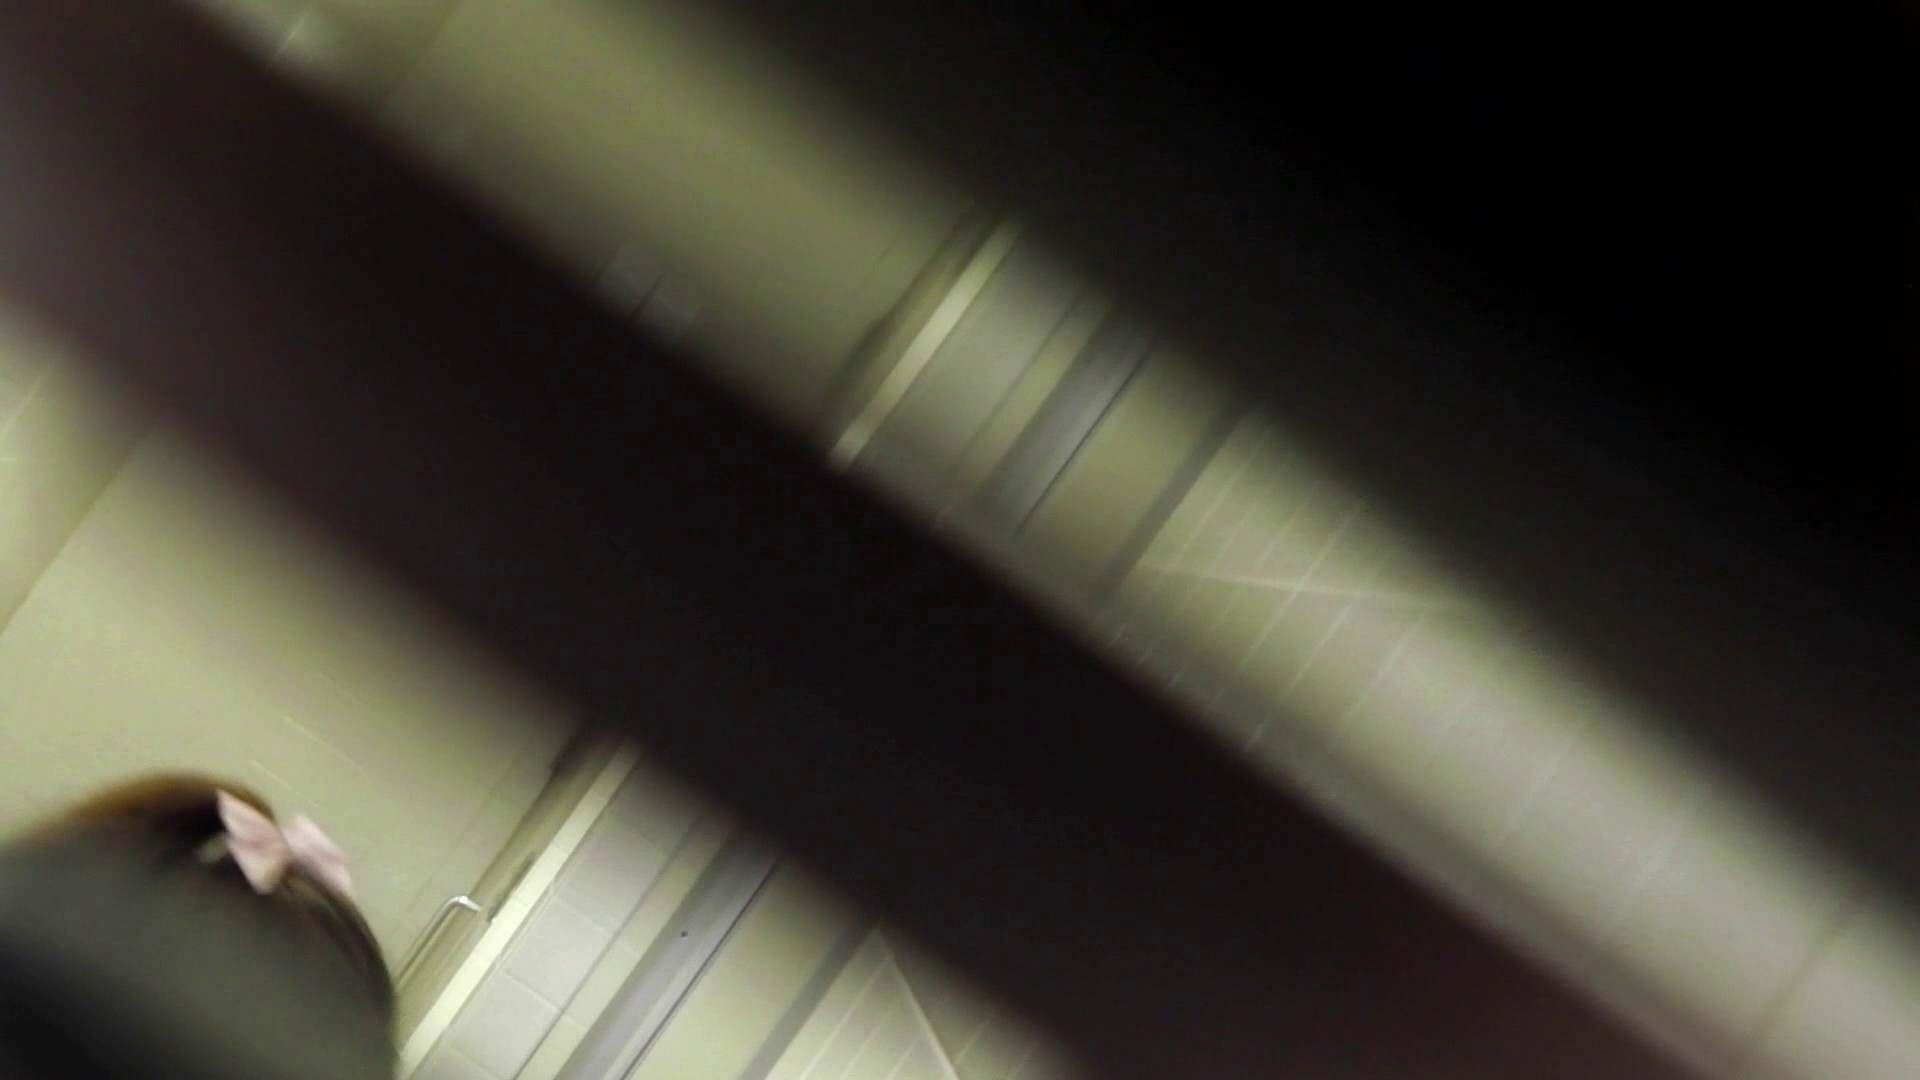 別冊「洗面所突入レポート!!」【閲覧注意!】シート的な物に興味のある方のみ! 洗面所  90PIX 58